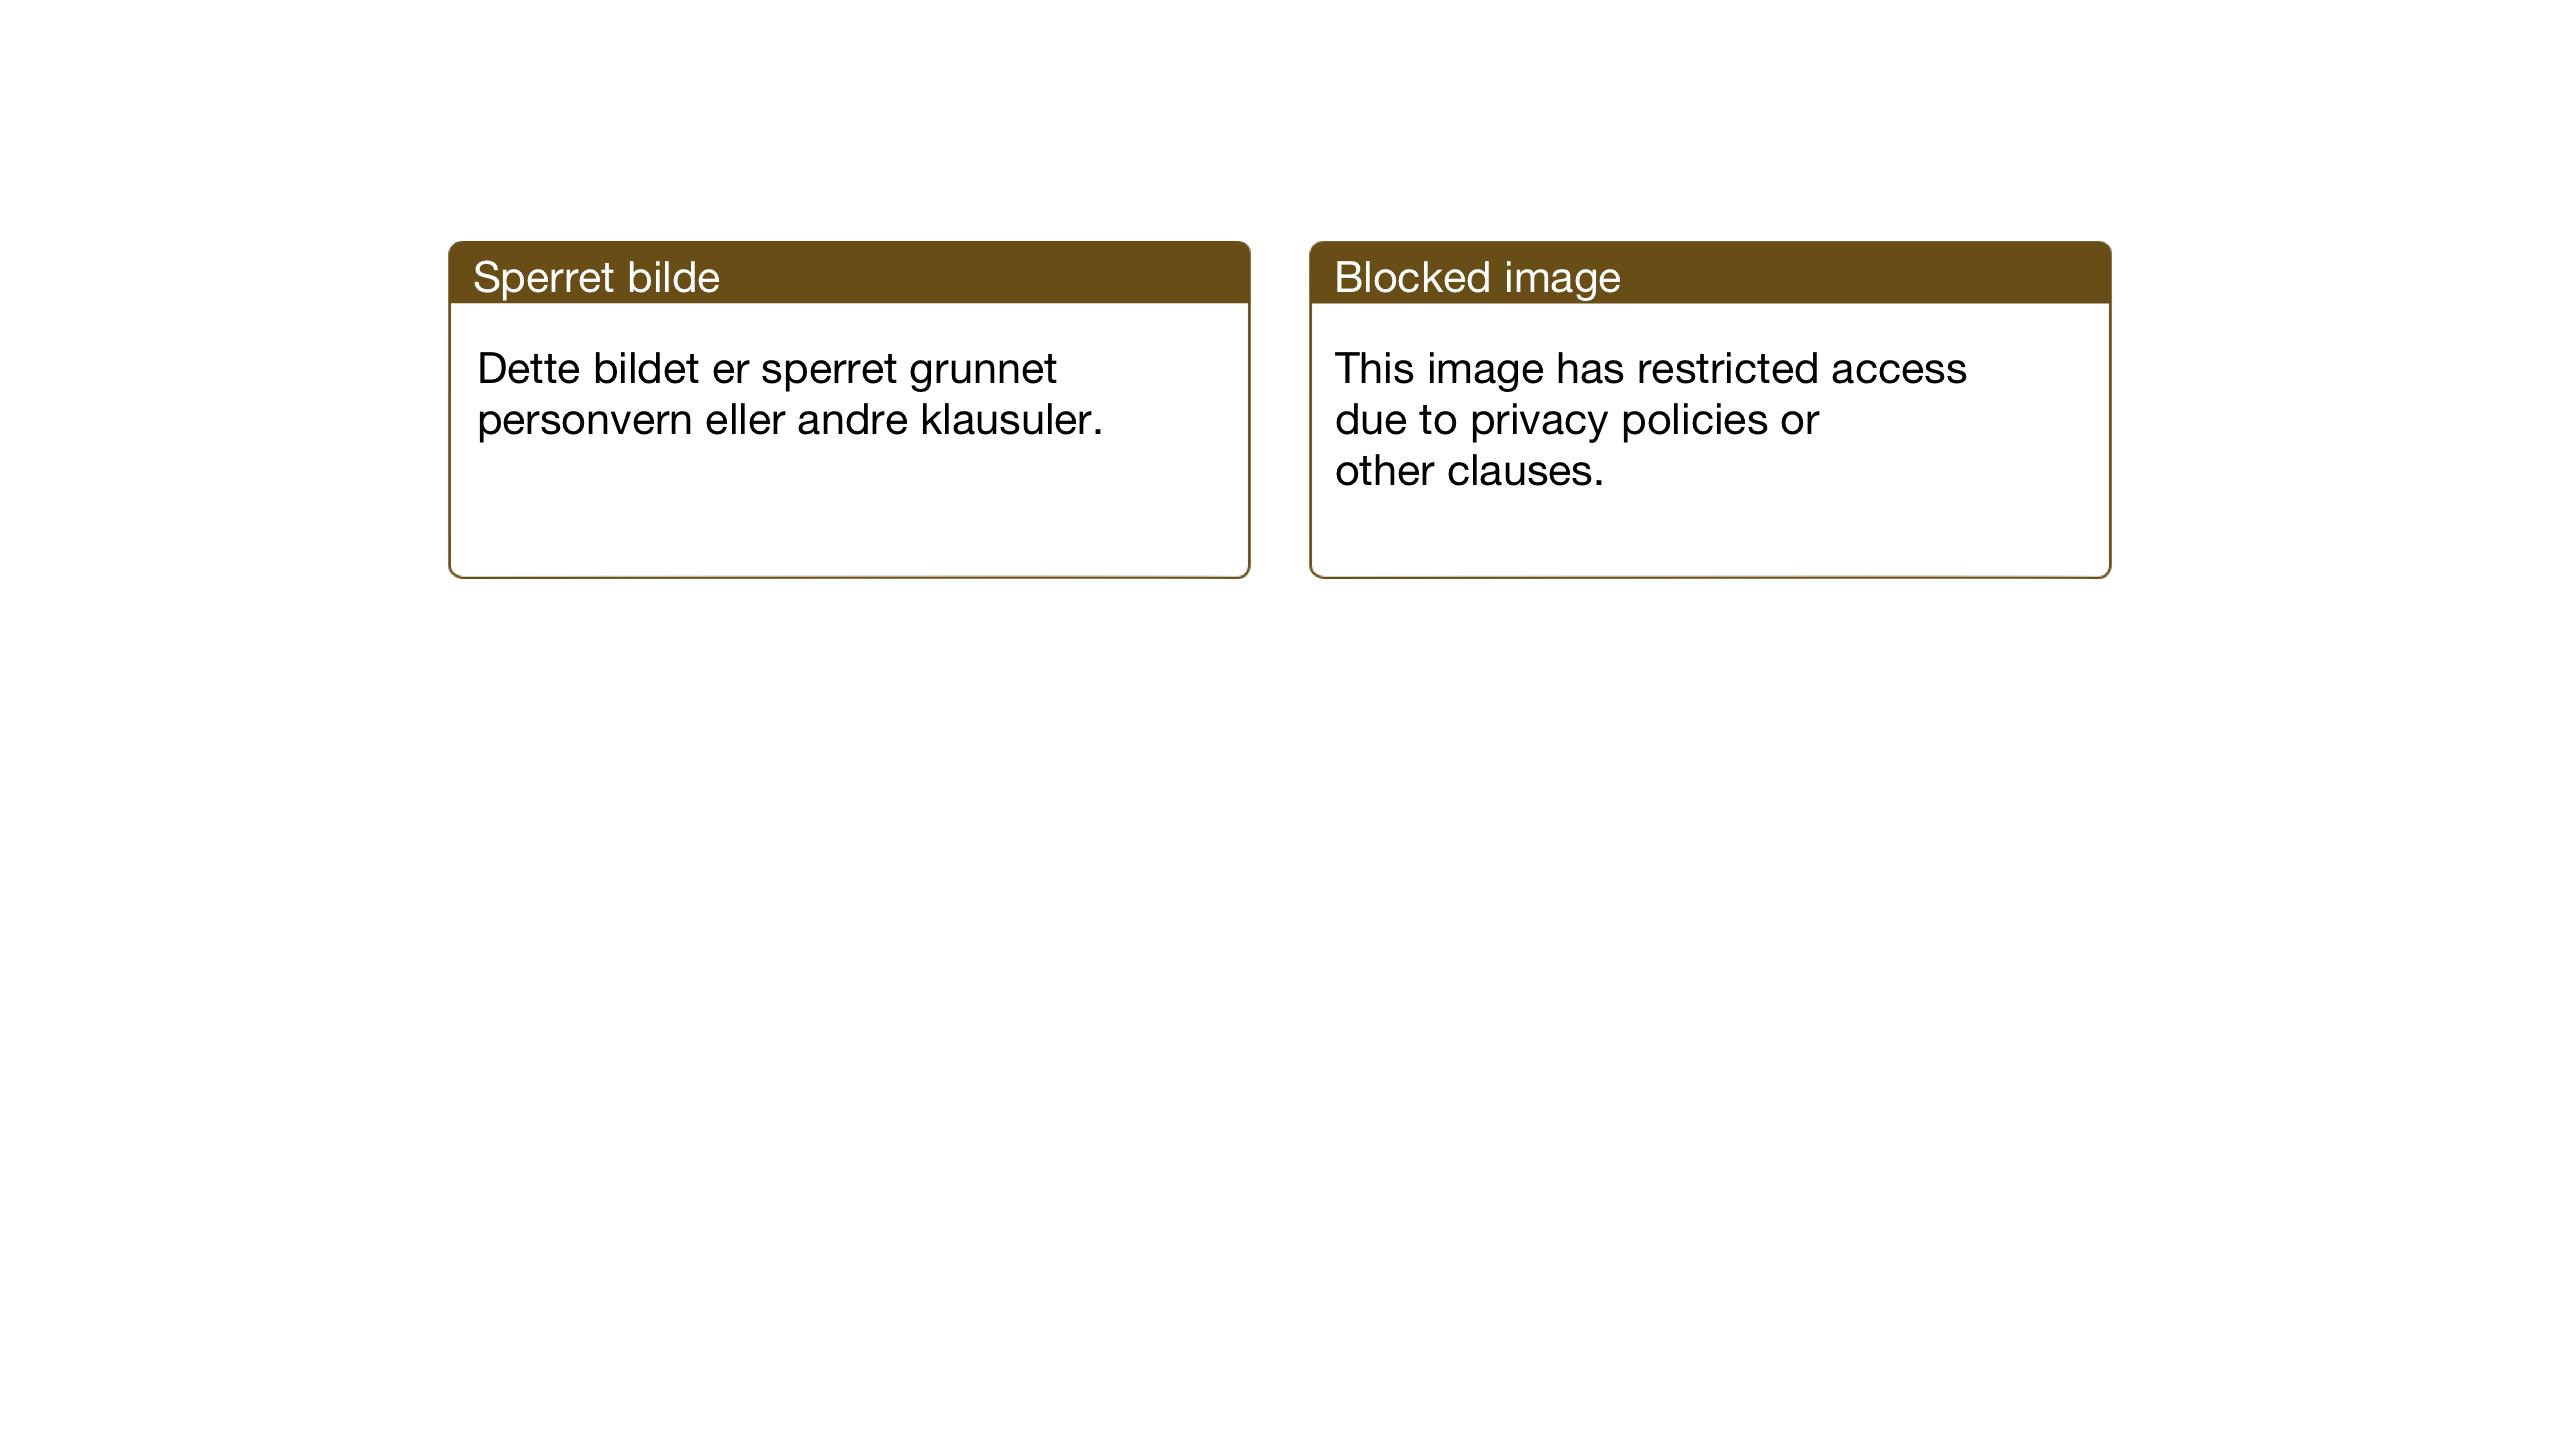 SAT, Ministerialprotokoller, klokkerbøker og fødselsregistre - Nord-Trøndelag, 768/L0583: Klokkerbok nr. 768C01, 1928-1953, s. 197